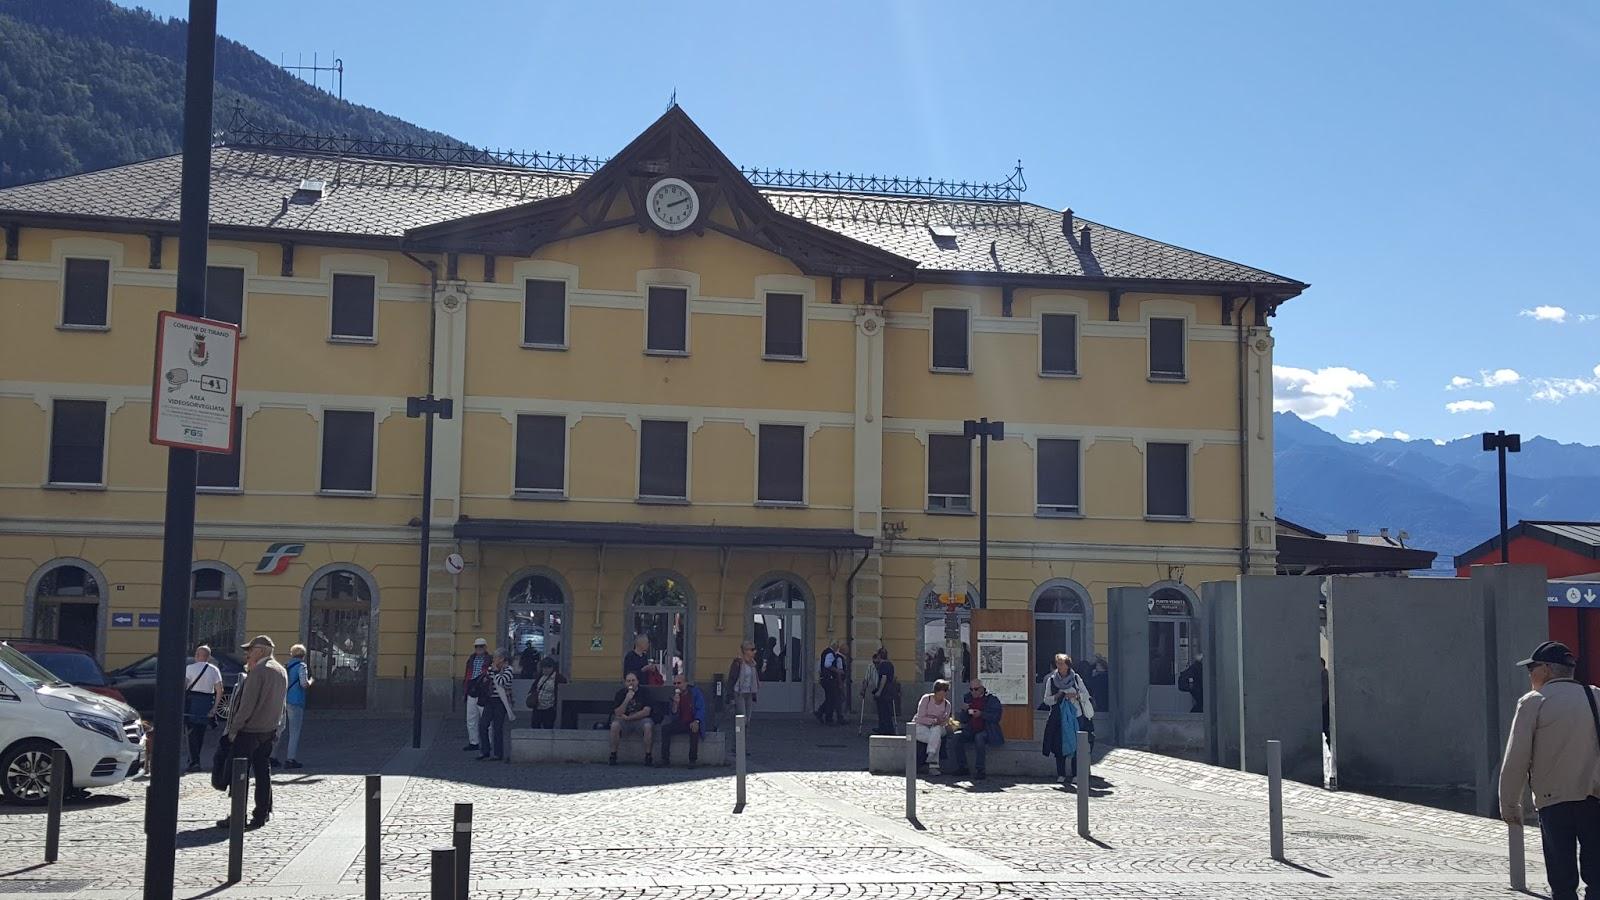 Estação de trem em Tirano